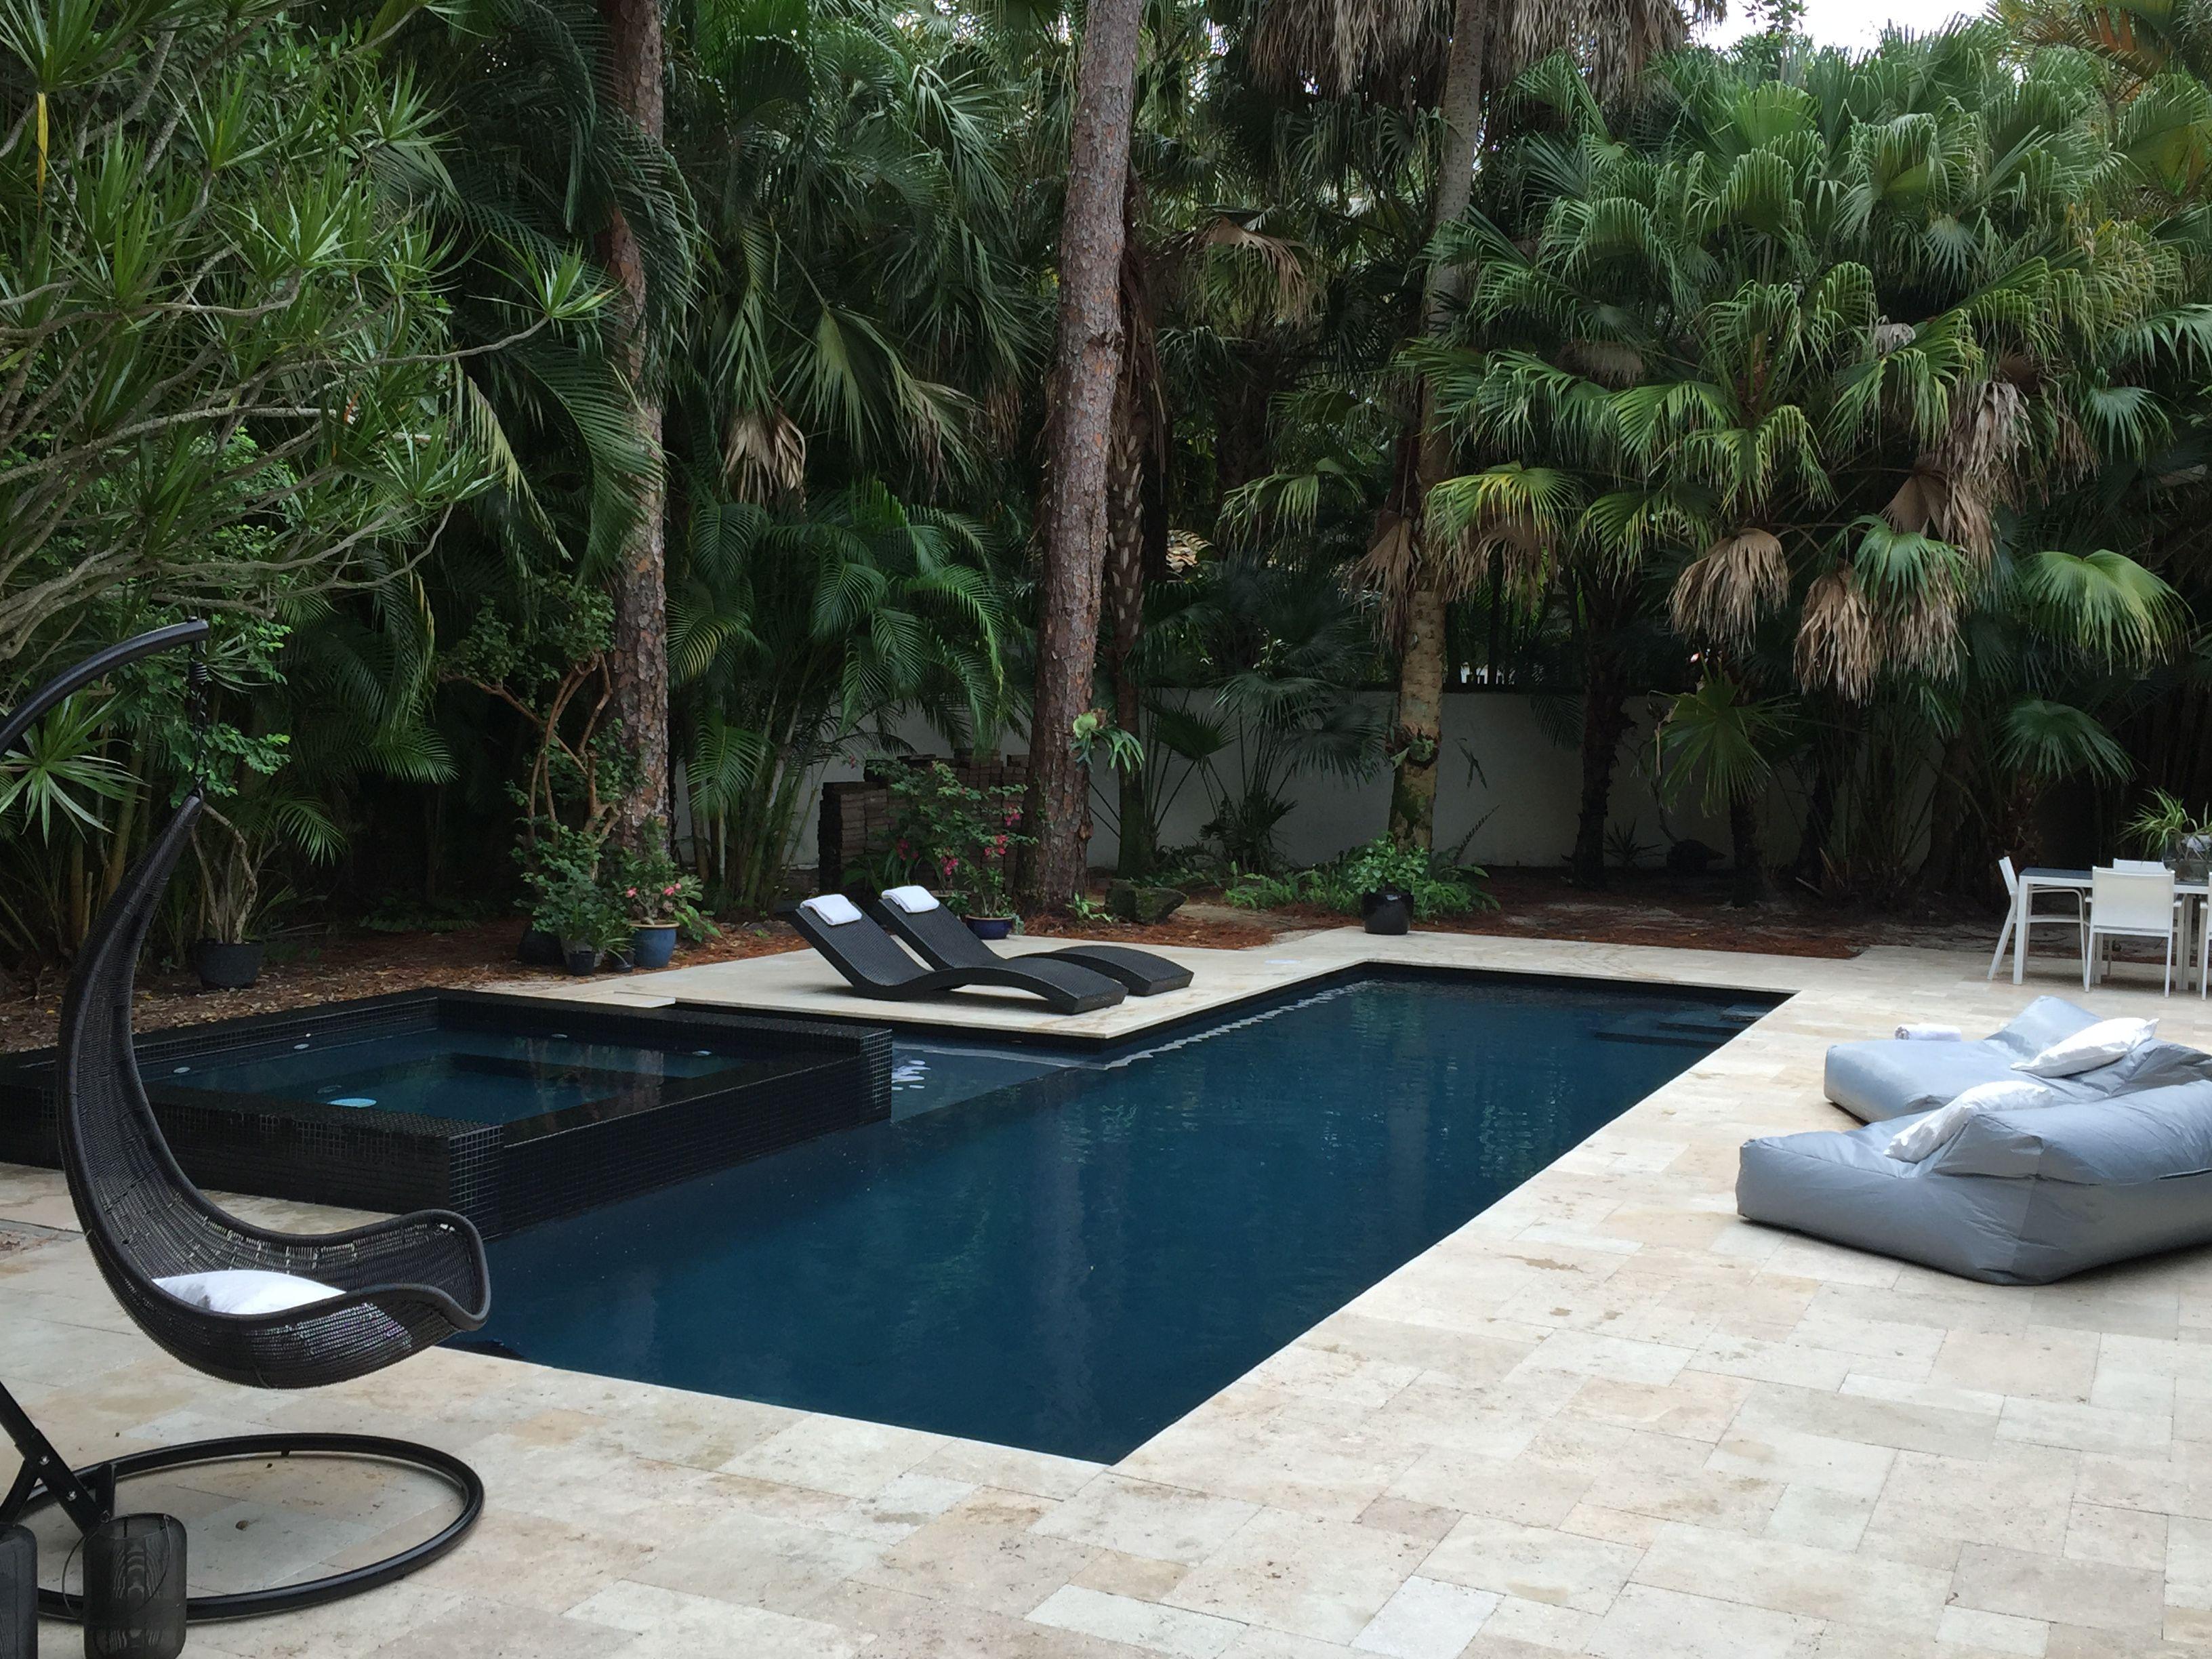 Contemporary zen pool diamond brite cobalt infinity pool for Zen pool design